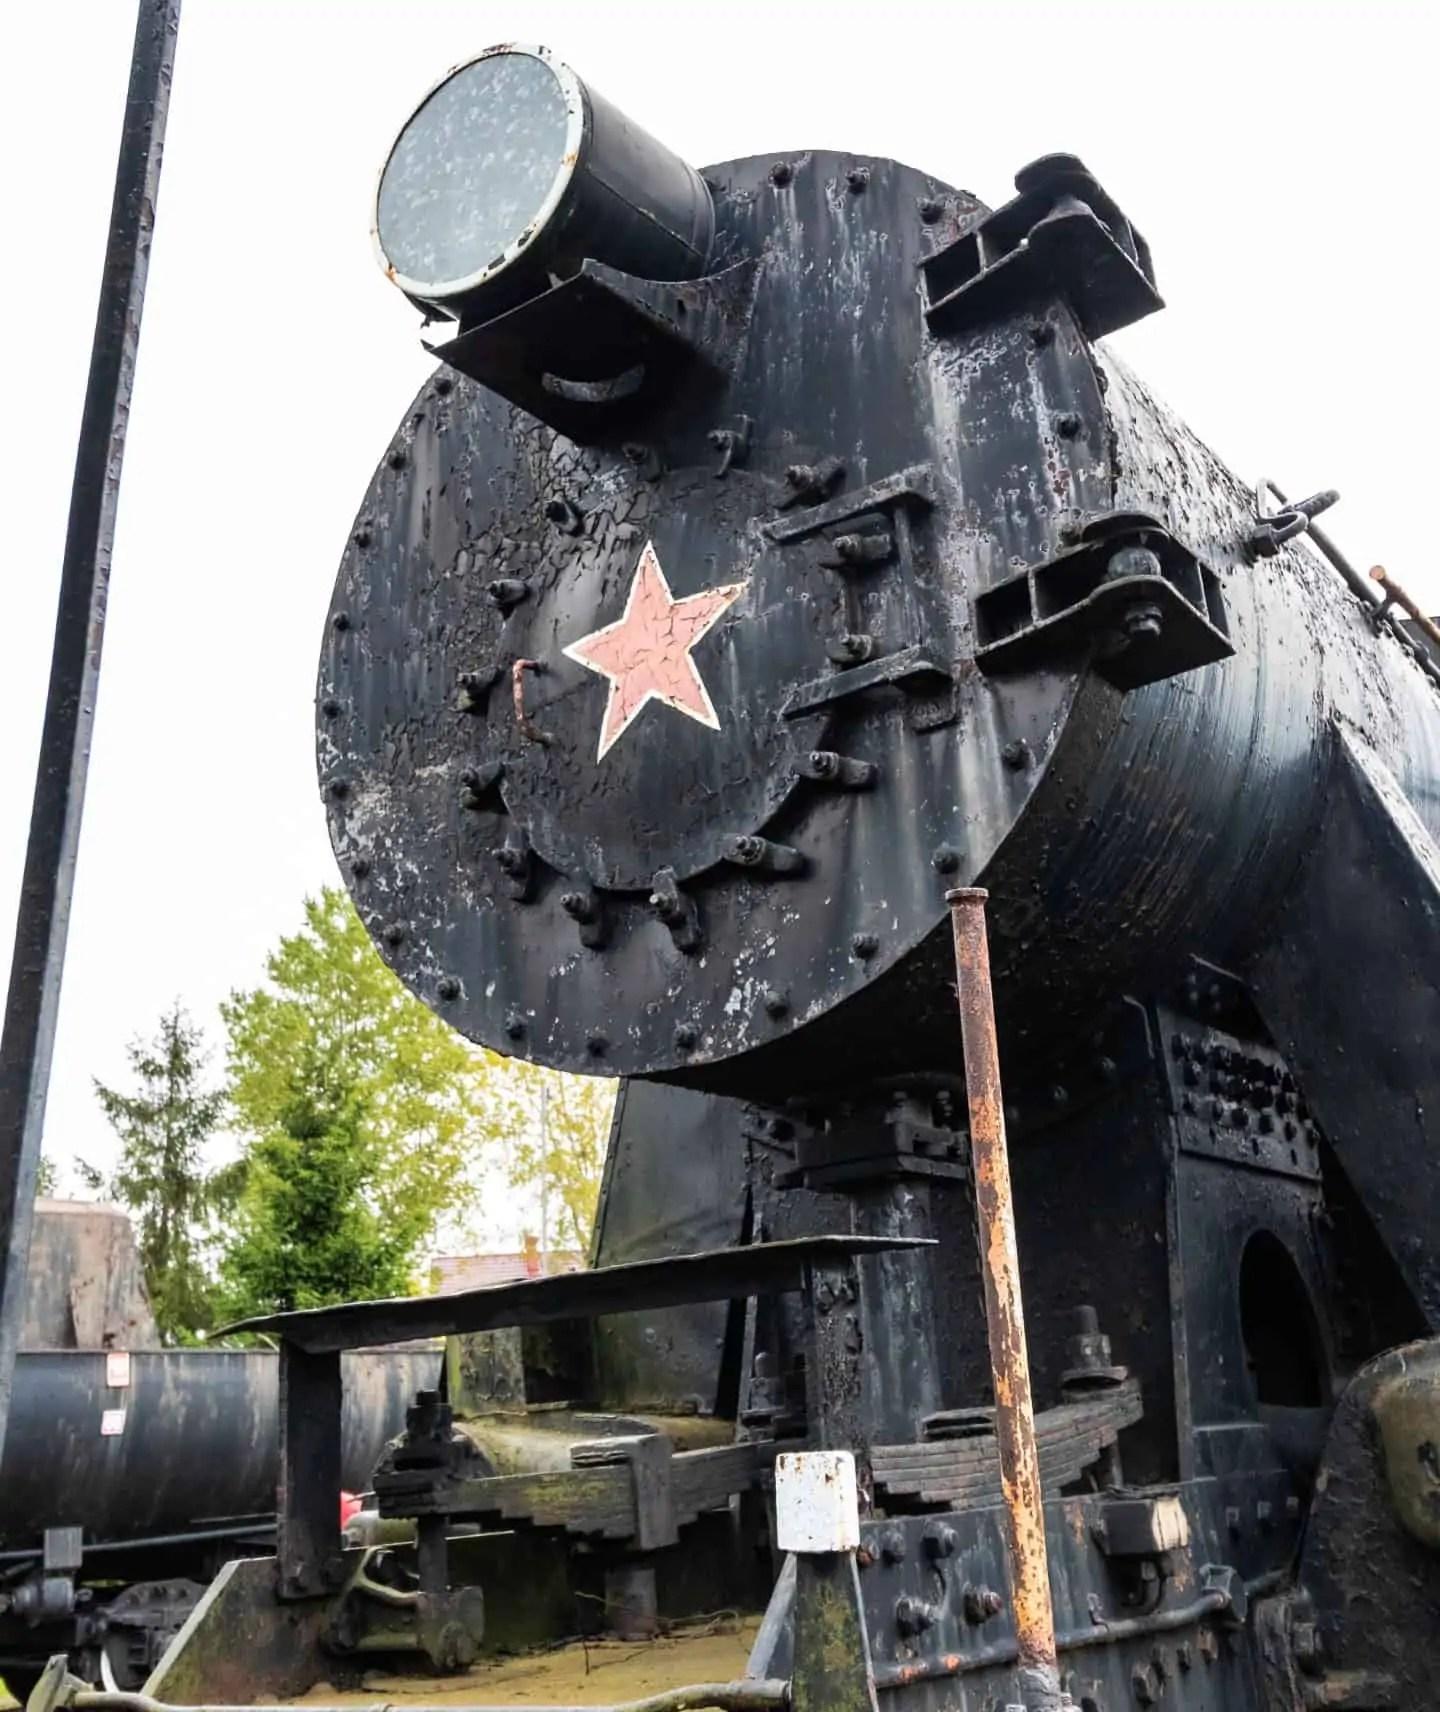 radziecki poci%C4%85g z czerwon%C4%85 gwiazd%C4%85 stara lokomotywa - Fotografie do druku